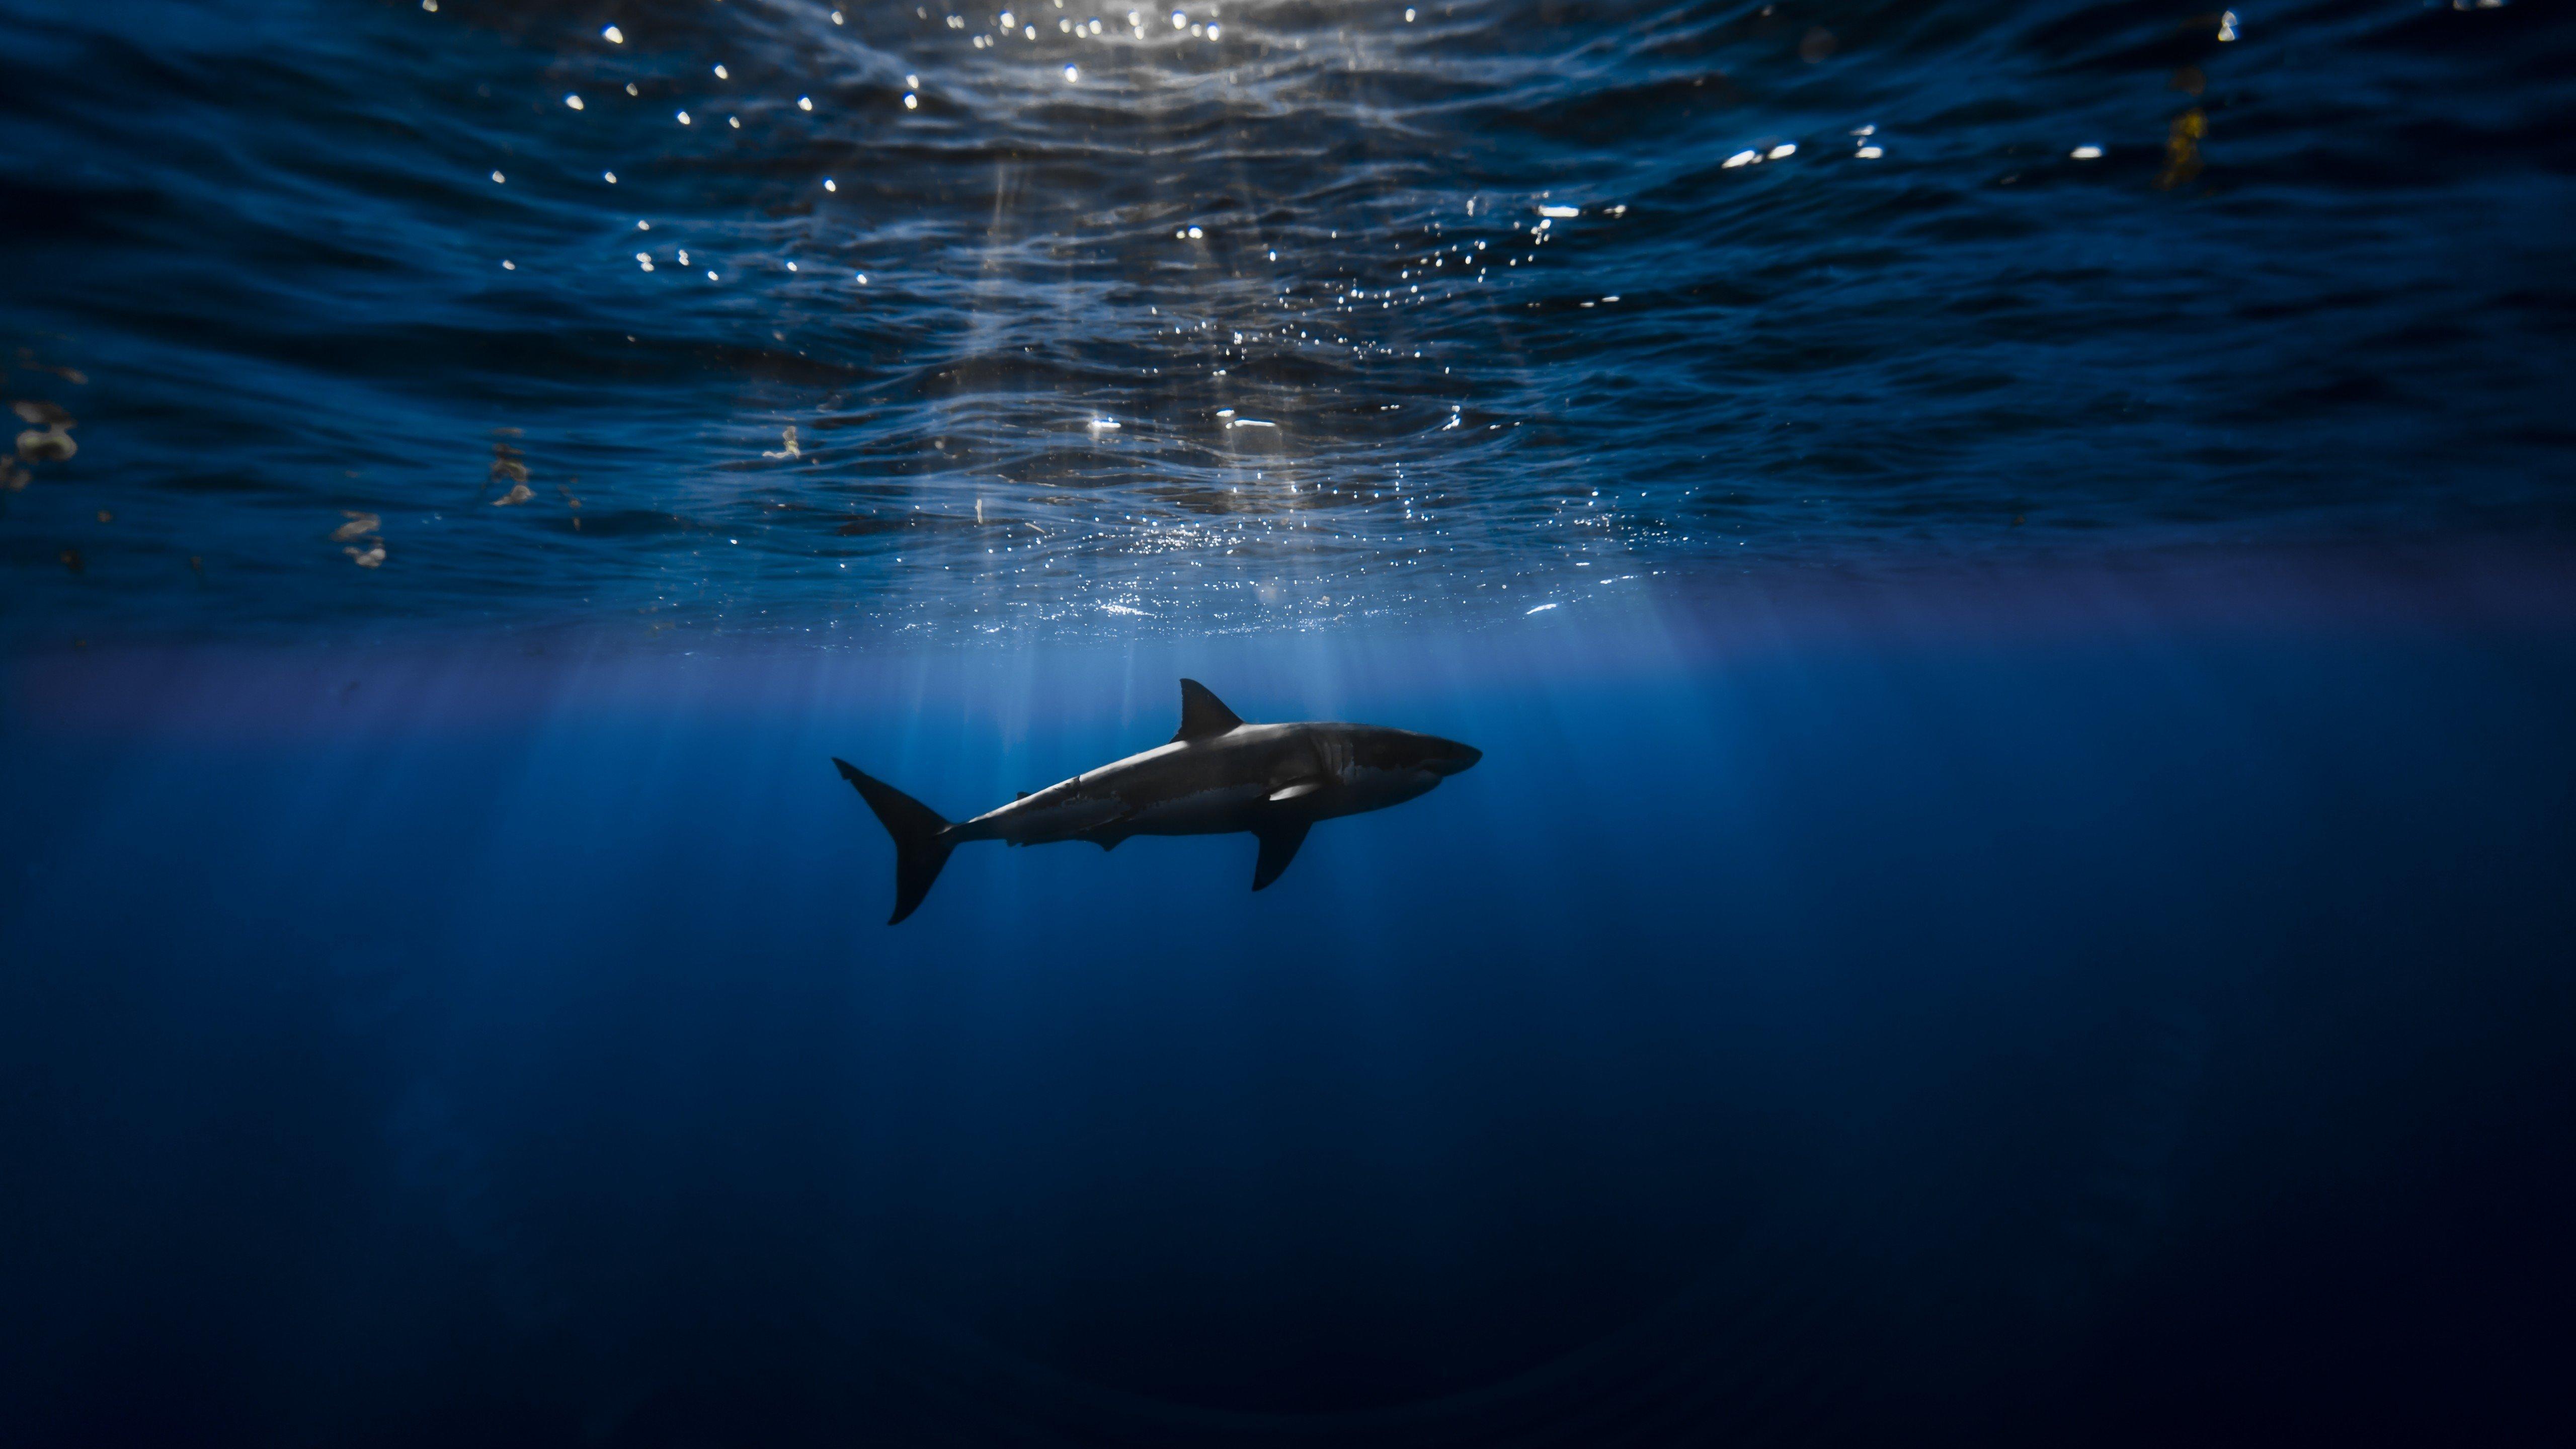 Fondos de pantalla Tiburón en el agua